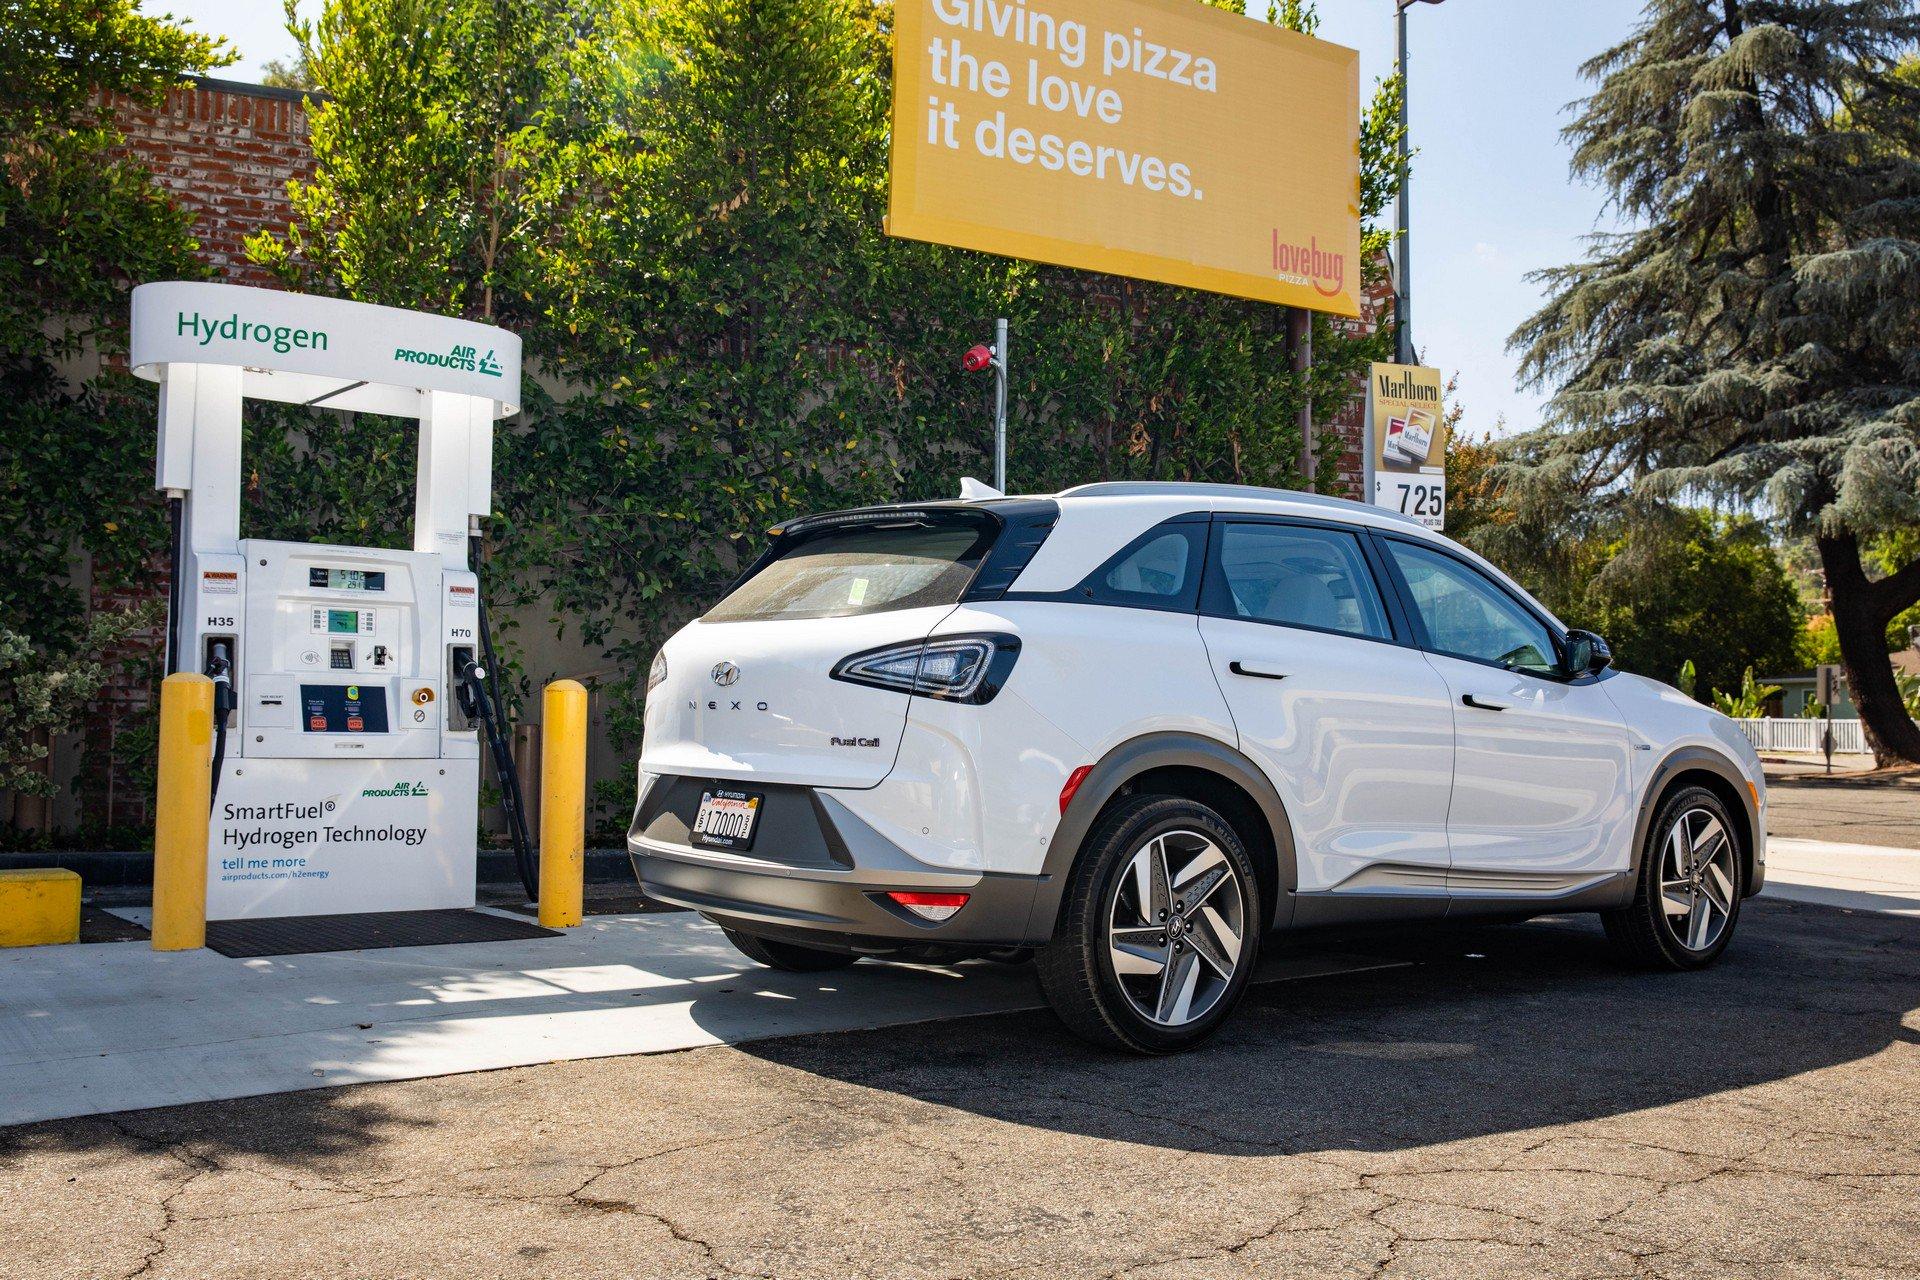 Додека другите форсираат електрични возила, Корејците своите надежи ги насочуваат кон водородот